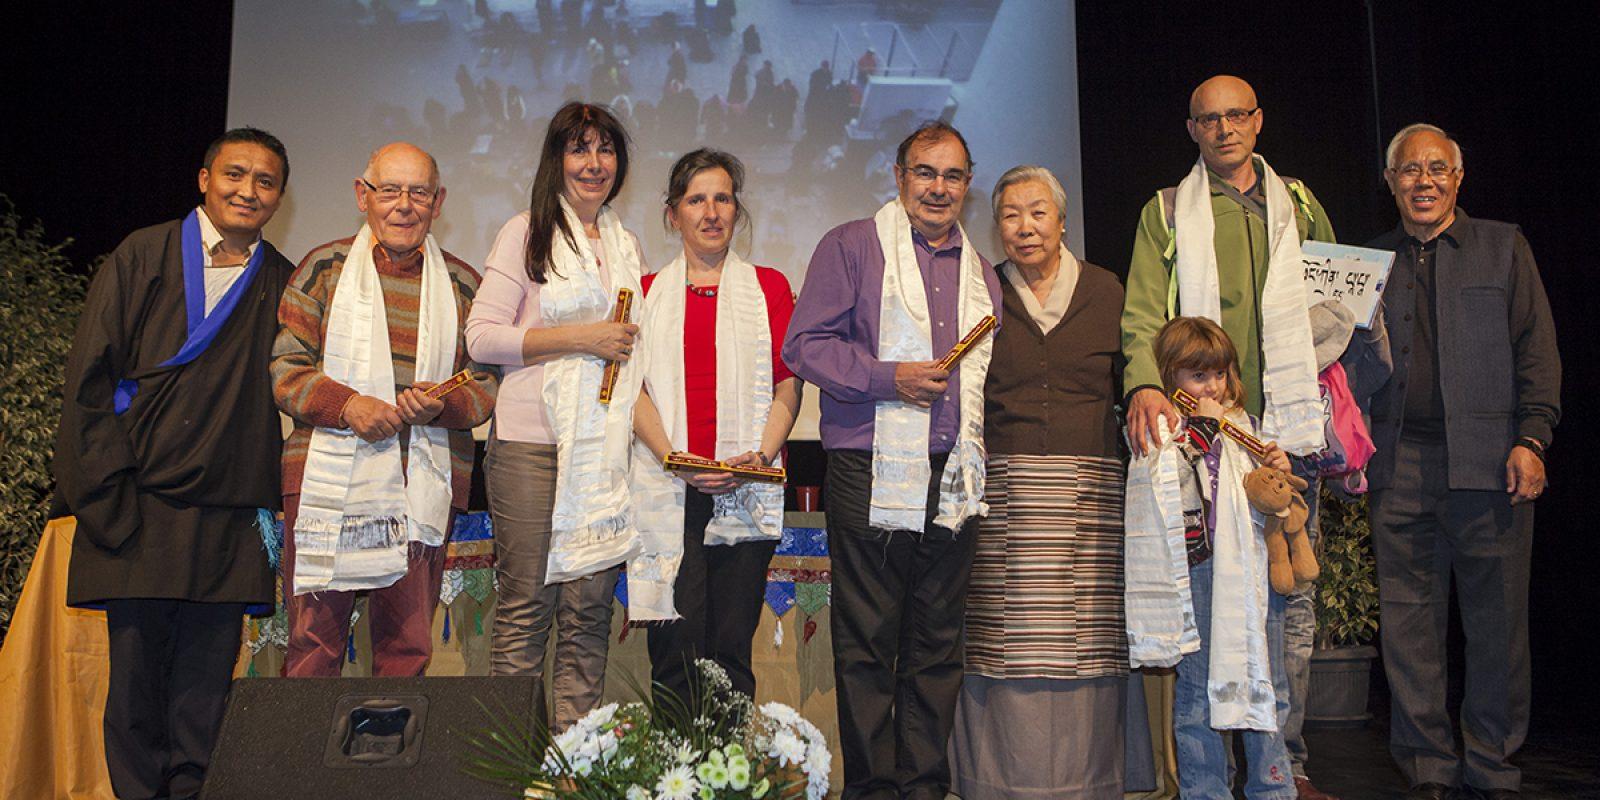 clôture de l'événement après la traditionnelle remise de la Khatag (écharpe de soie blanche) et de bâtons d'encens,  à titre honorifique, par Jetsun Pema à l'équipe de l'association.